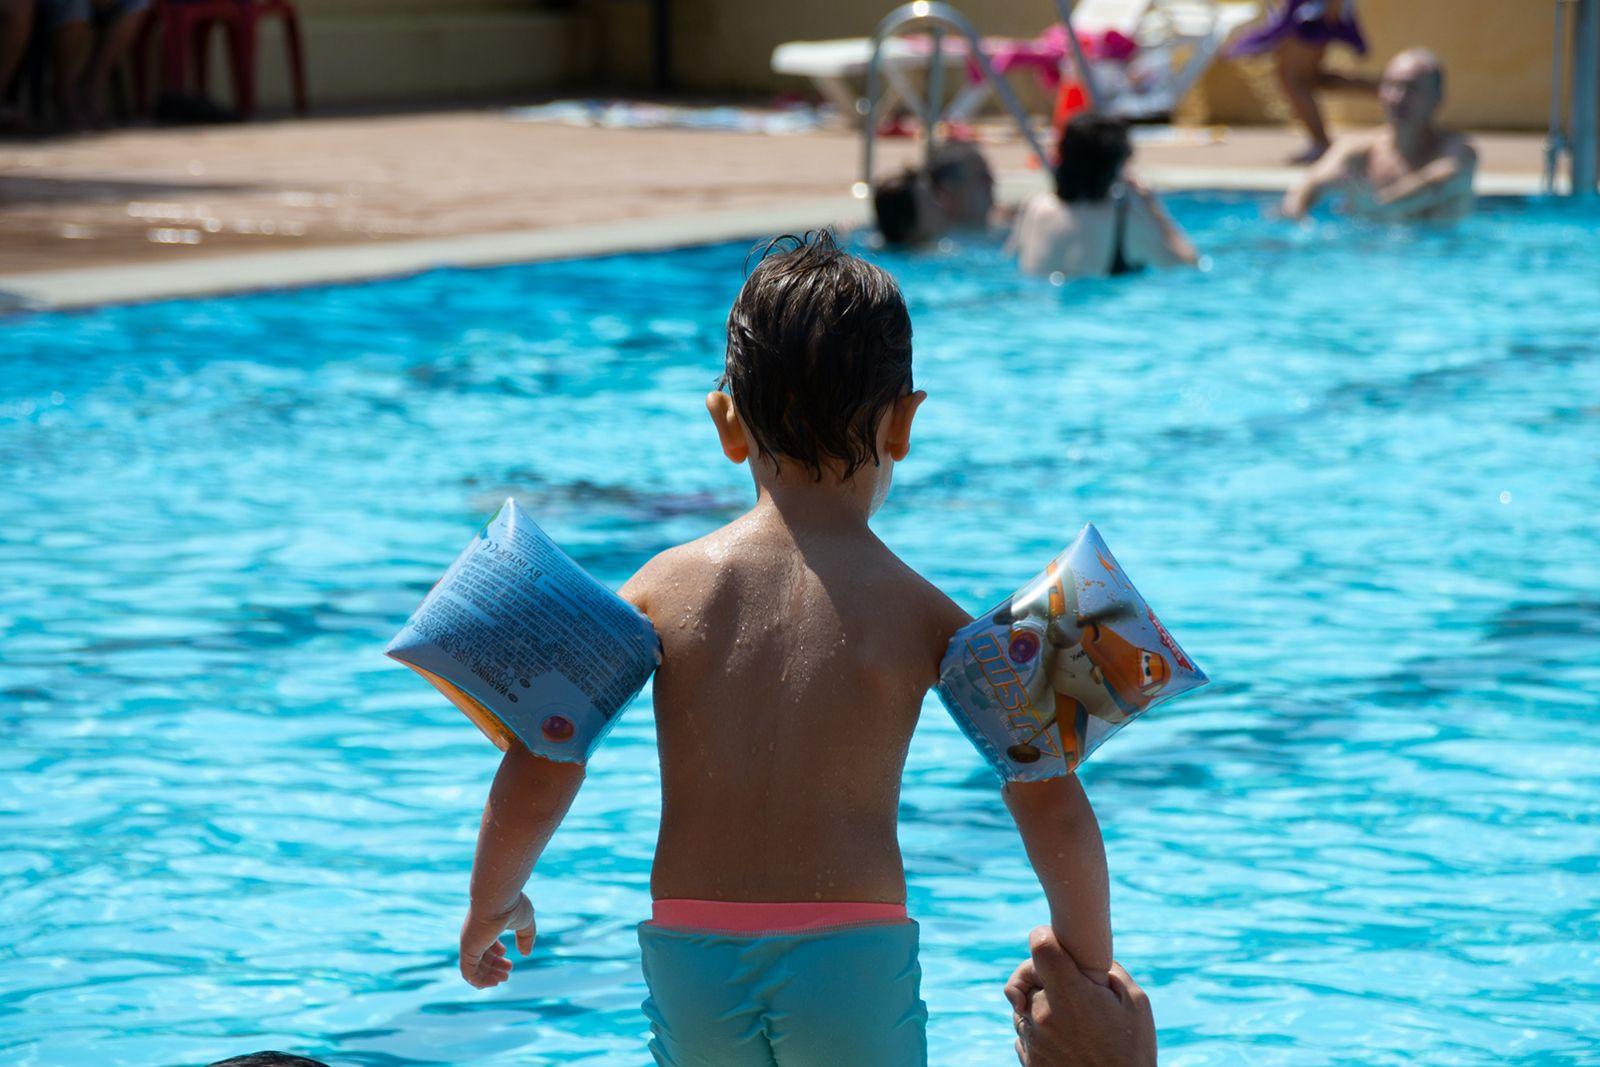 Les fotografies del dissabte a la piscina de Montflorit